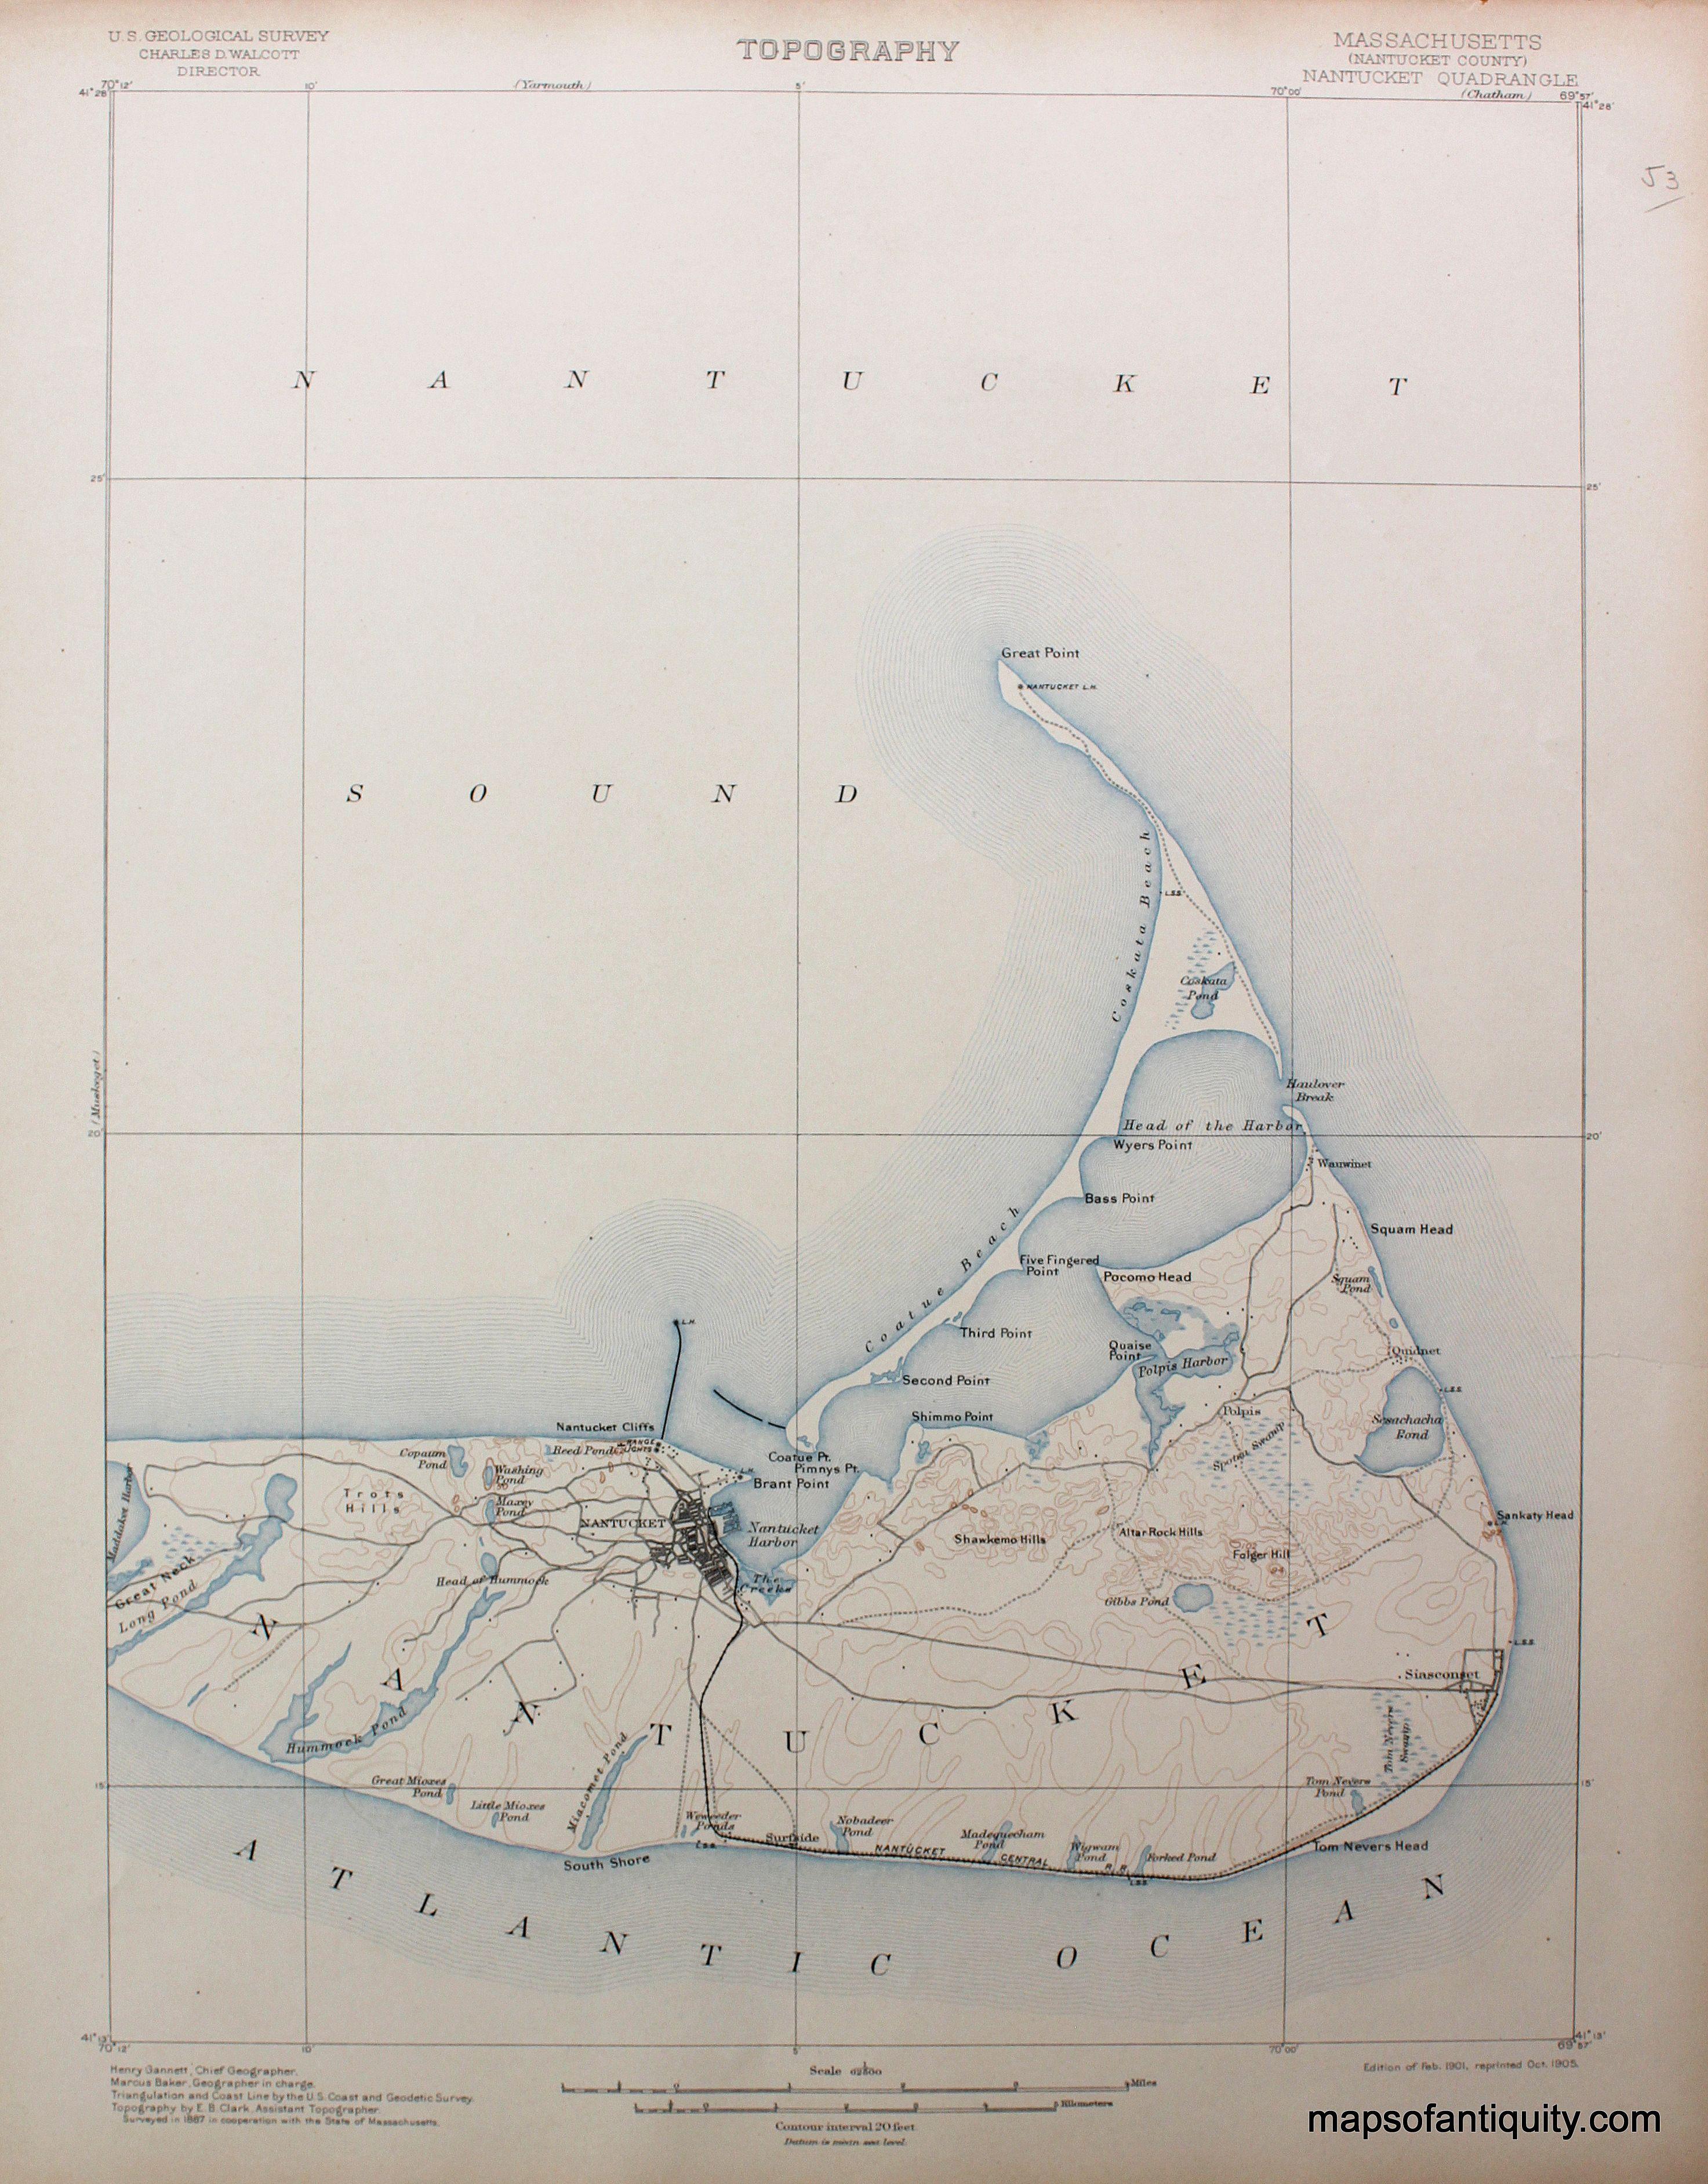 MA Nantucket sheet antique topo map